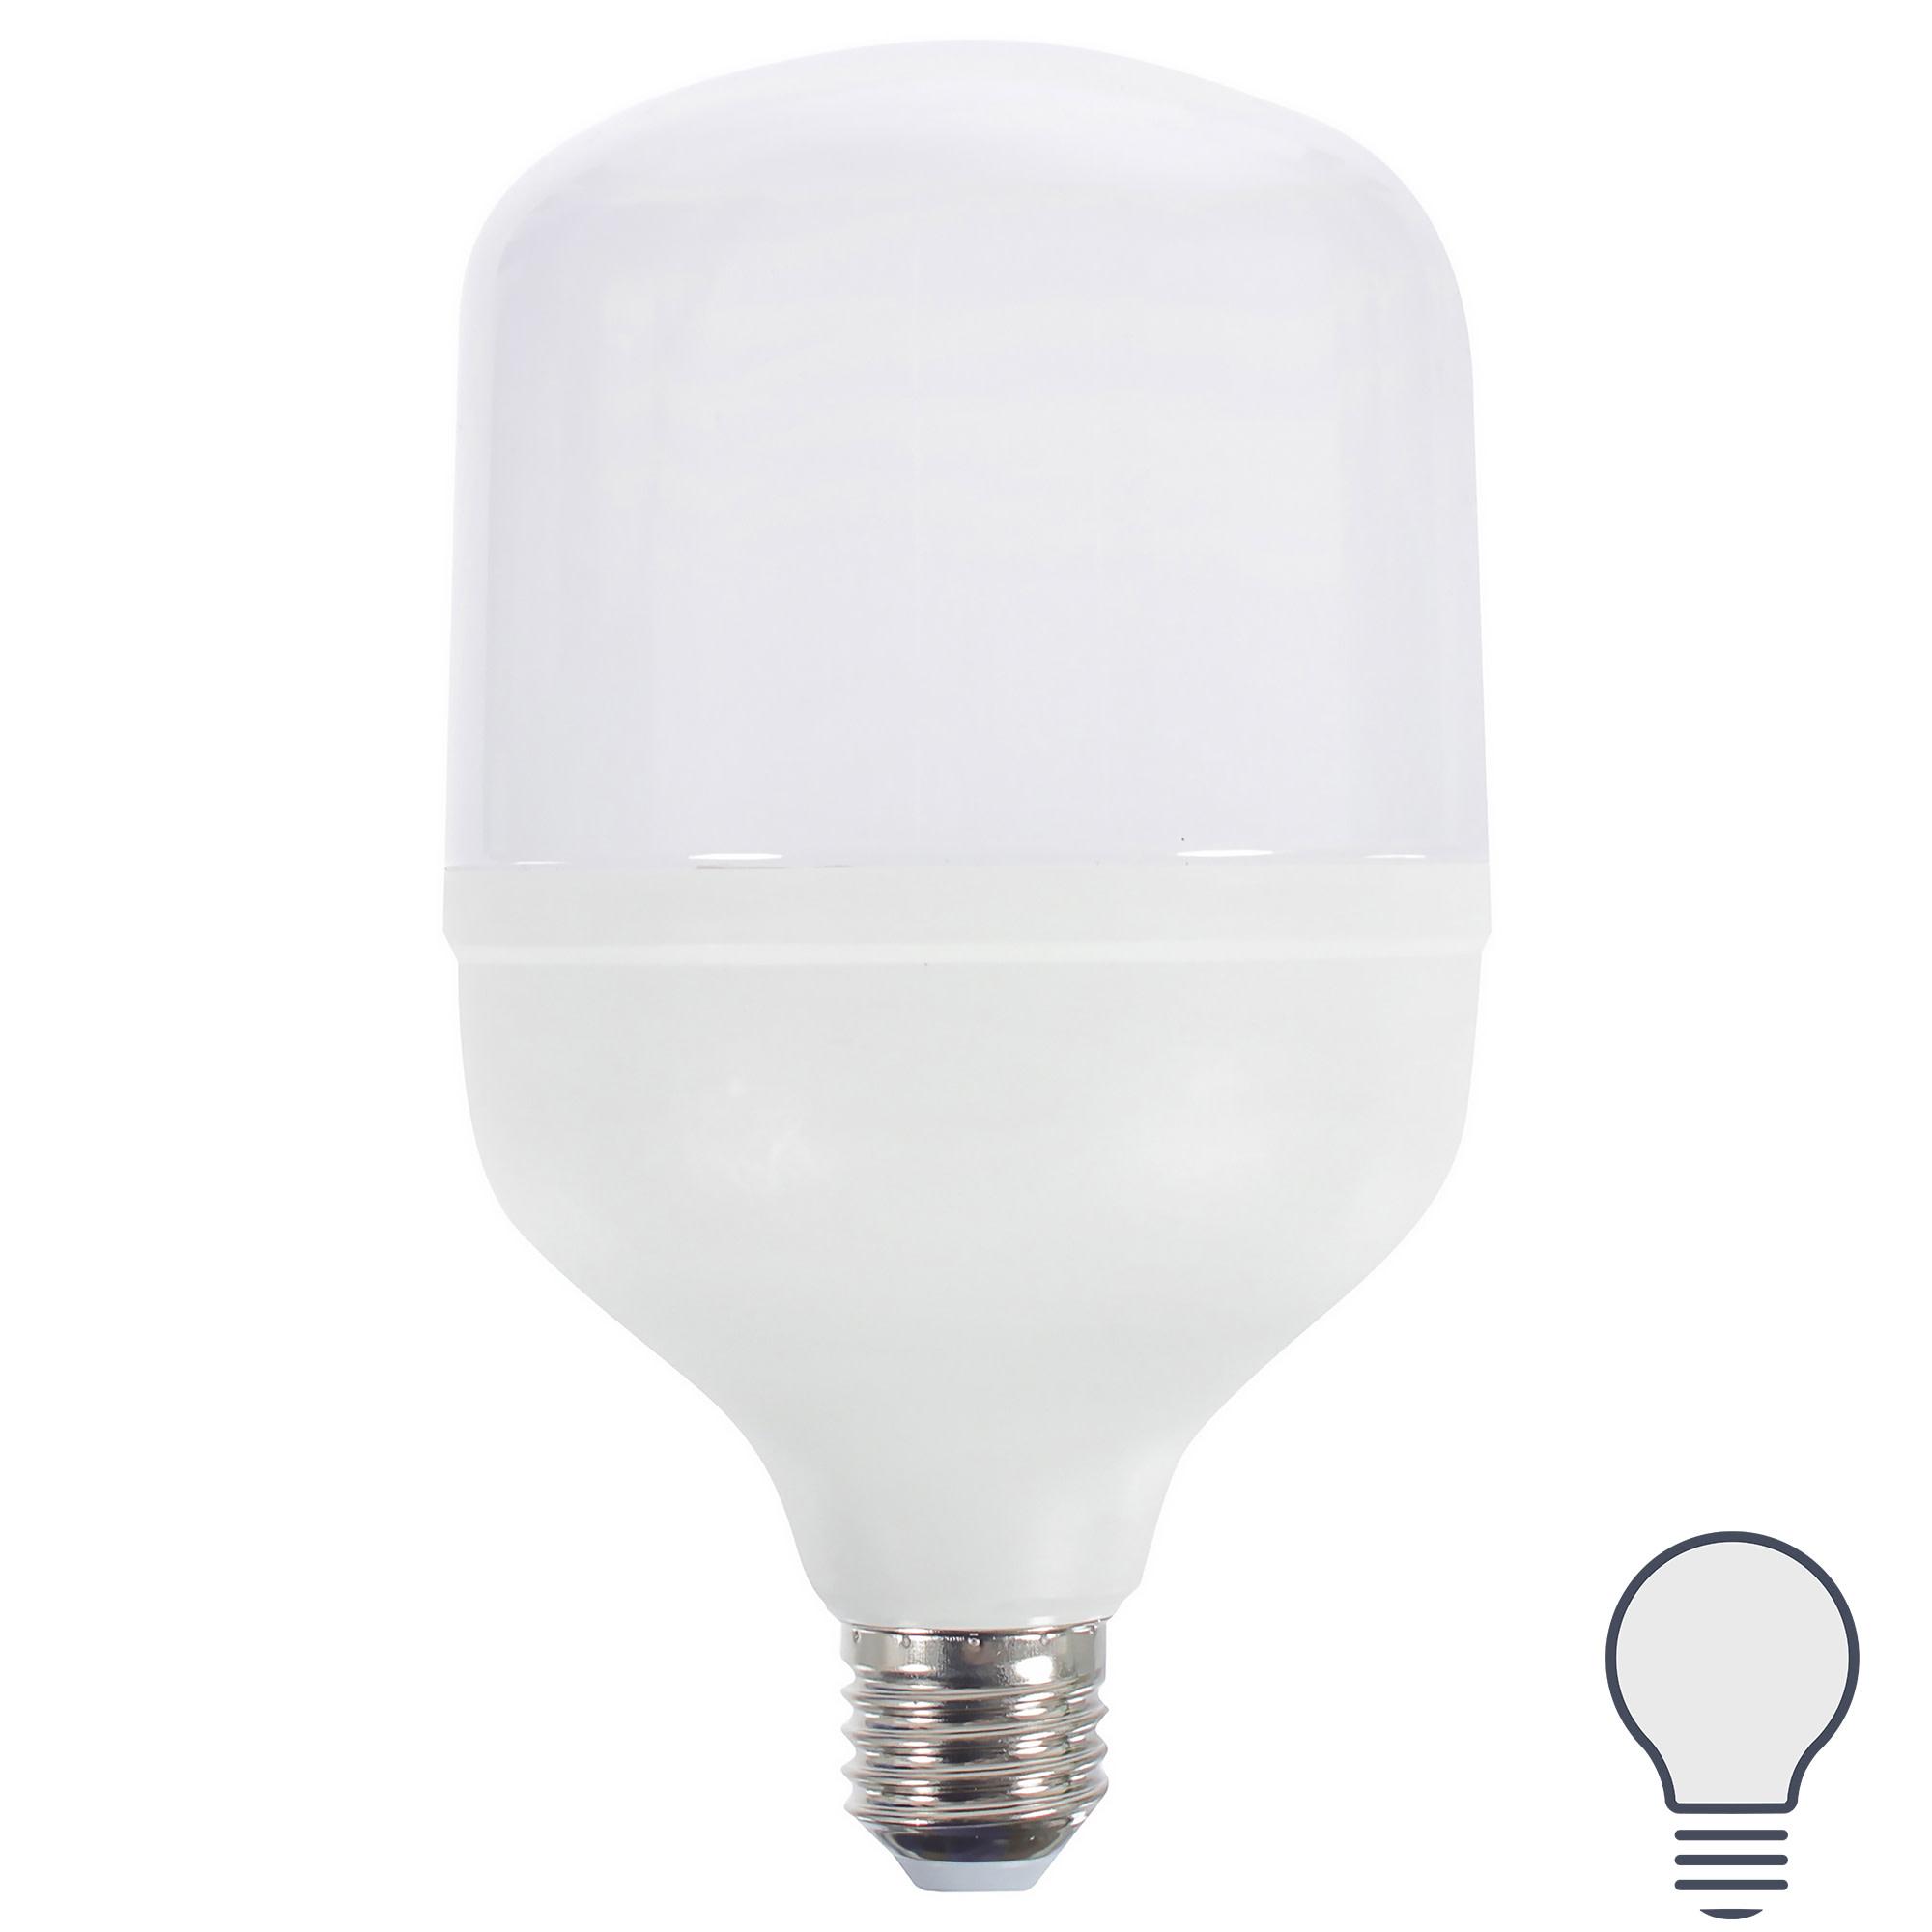 Лампа светодиодная Volpe Е27 30 Вт 2500 Лм свет холодный белый